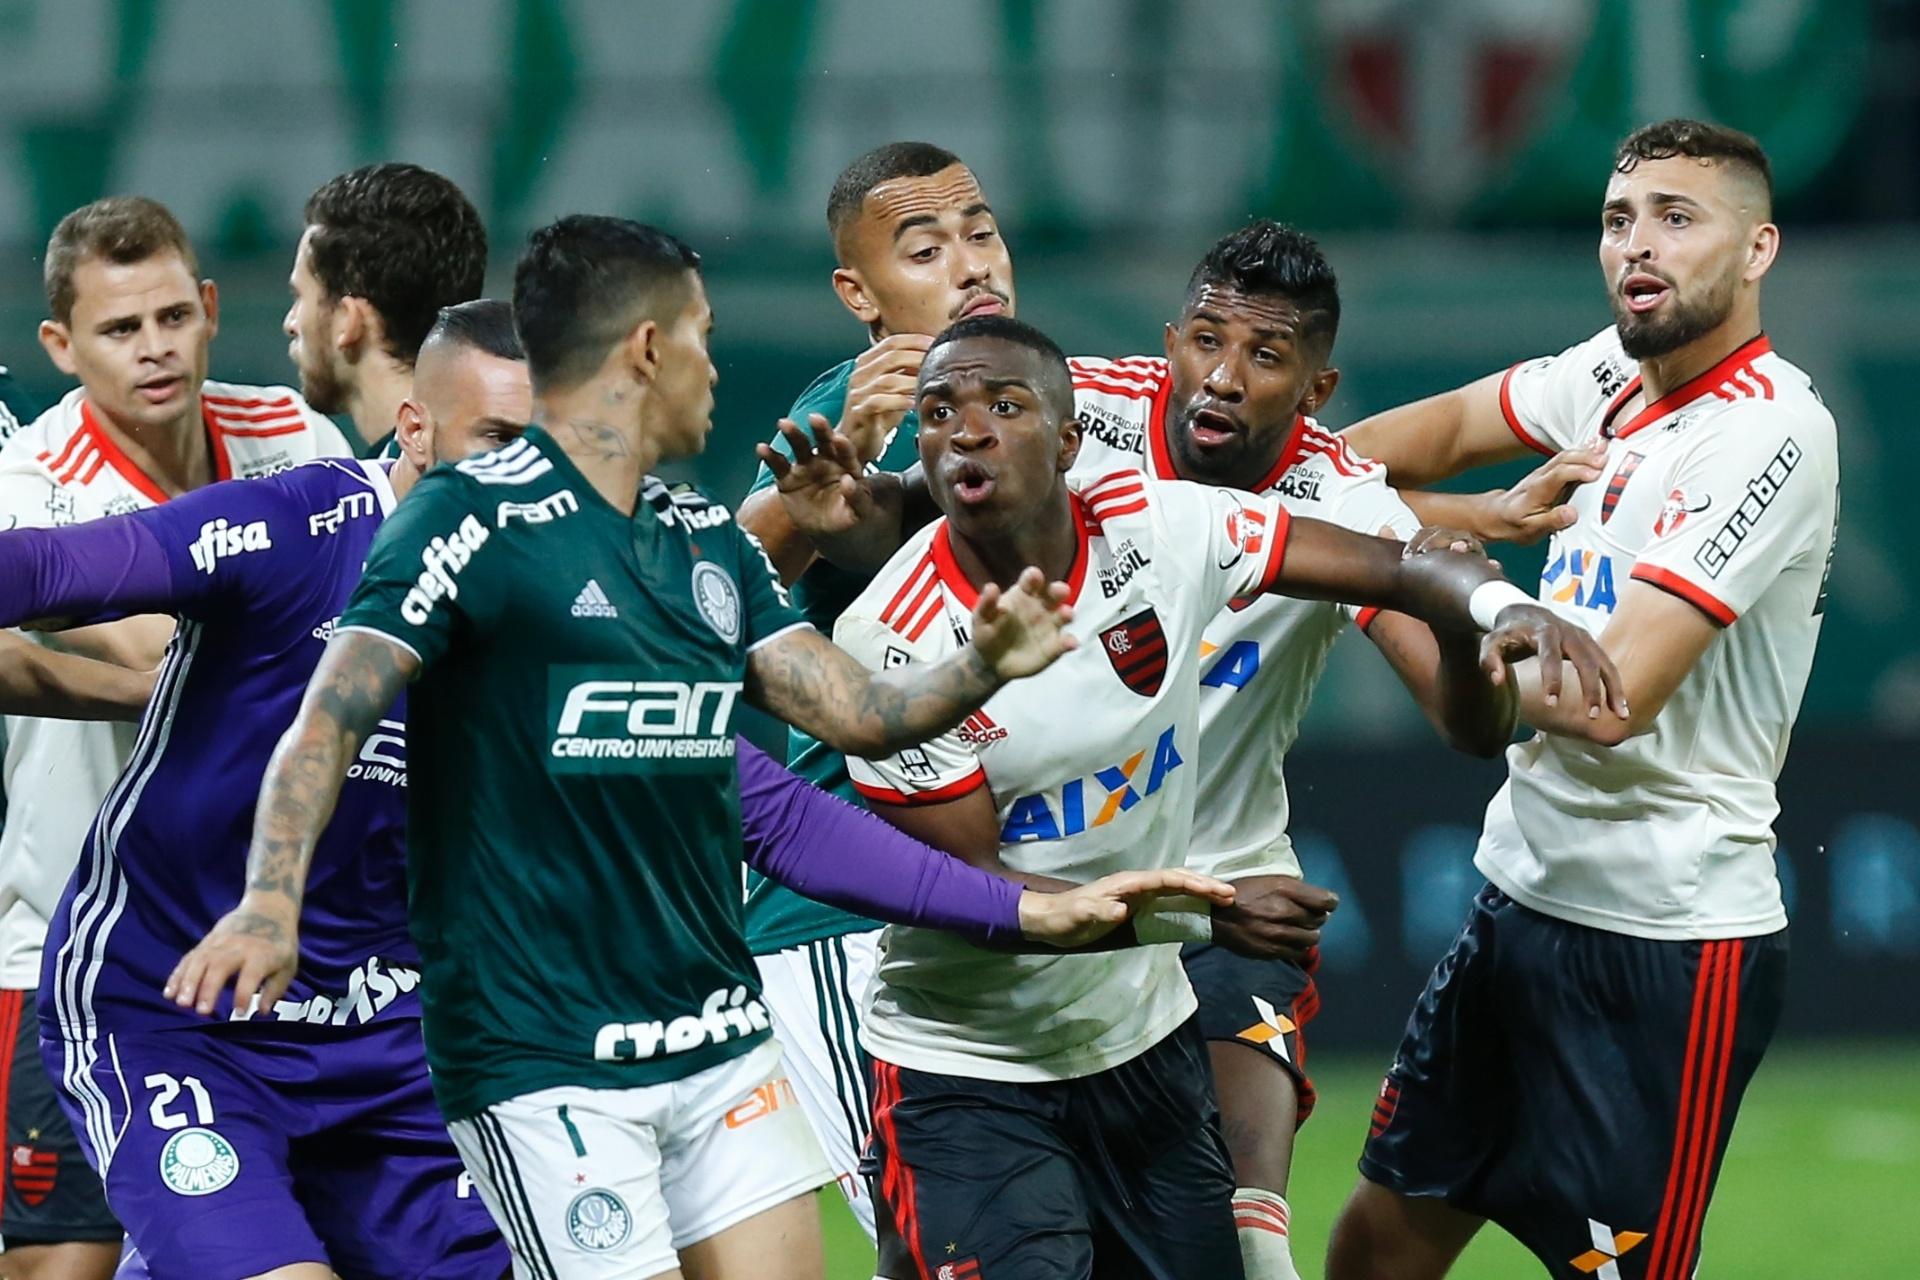 Palmeiras e Fla empatam em jogo com confusão e seis expulsões no final -  13 06 2018 - UOL Esporte e860b8b06a2be